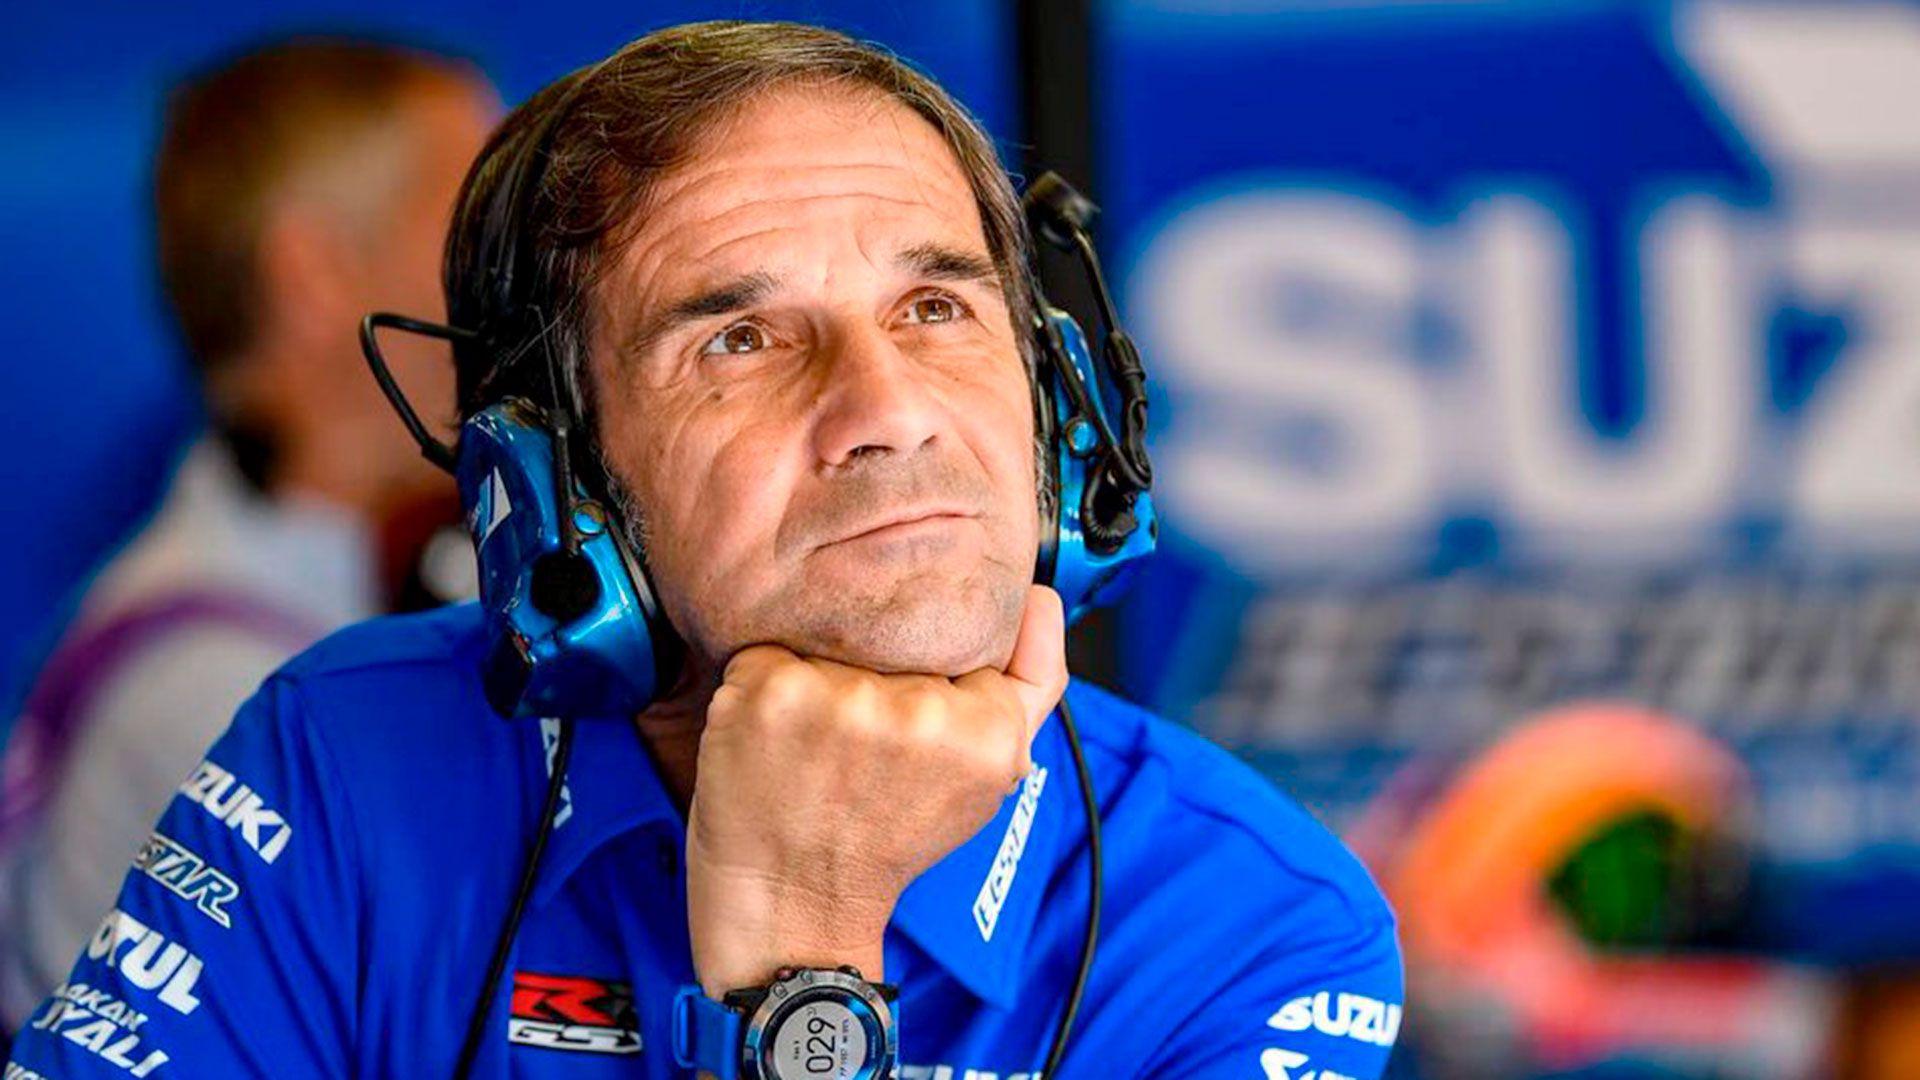 Davide-Brivio-MotoGP